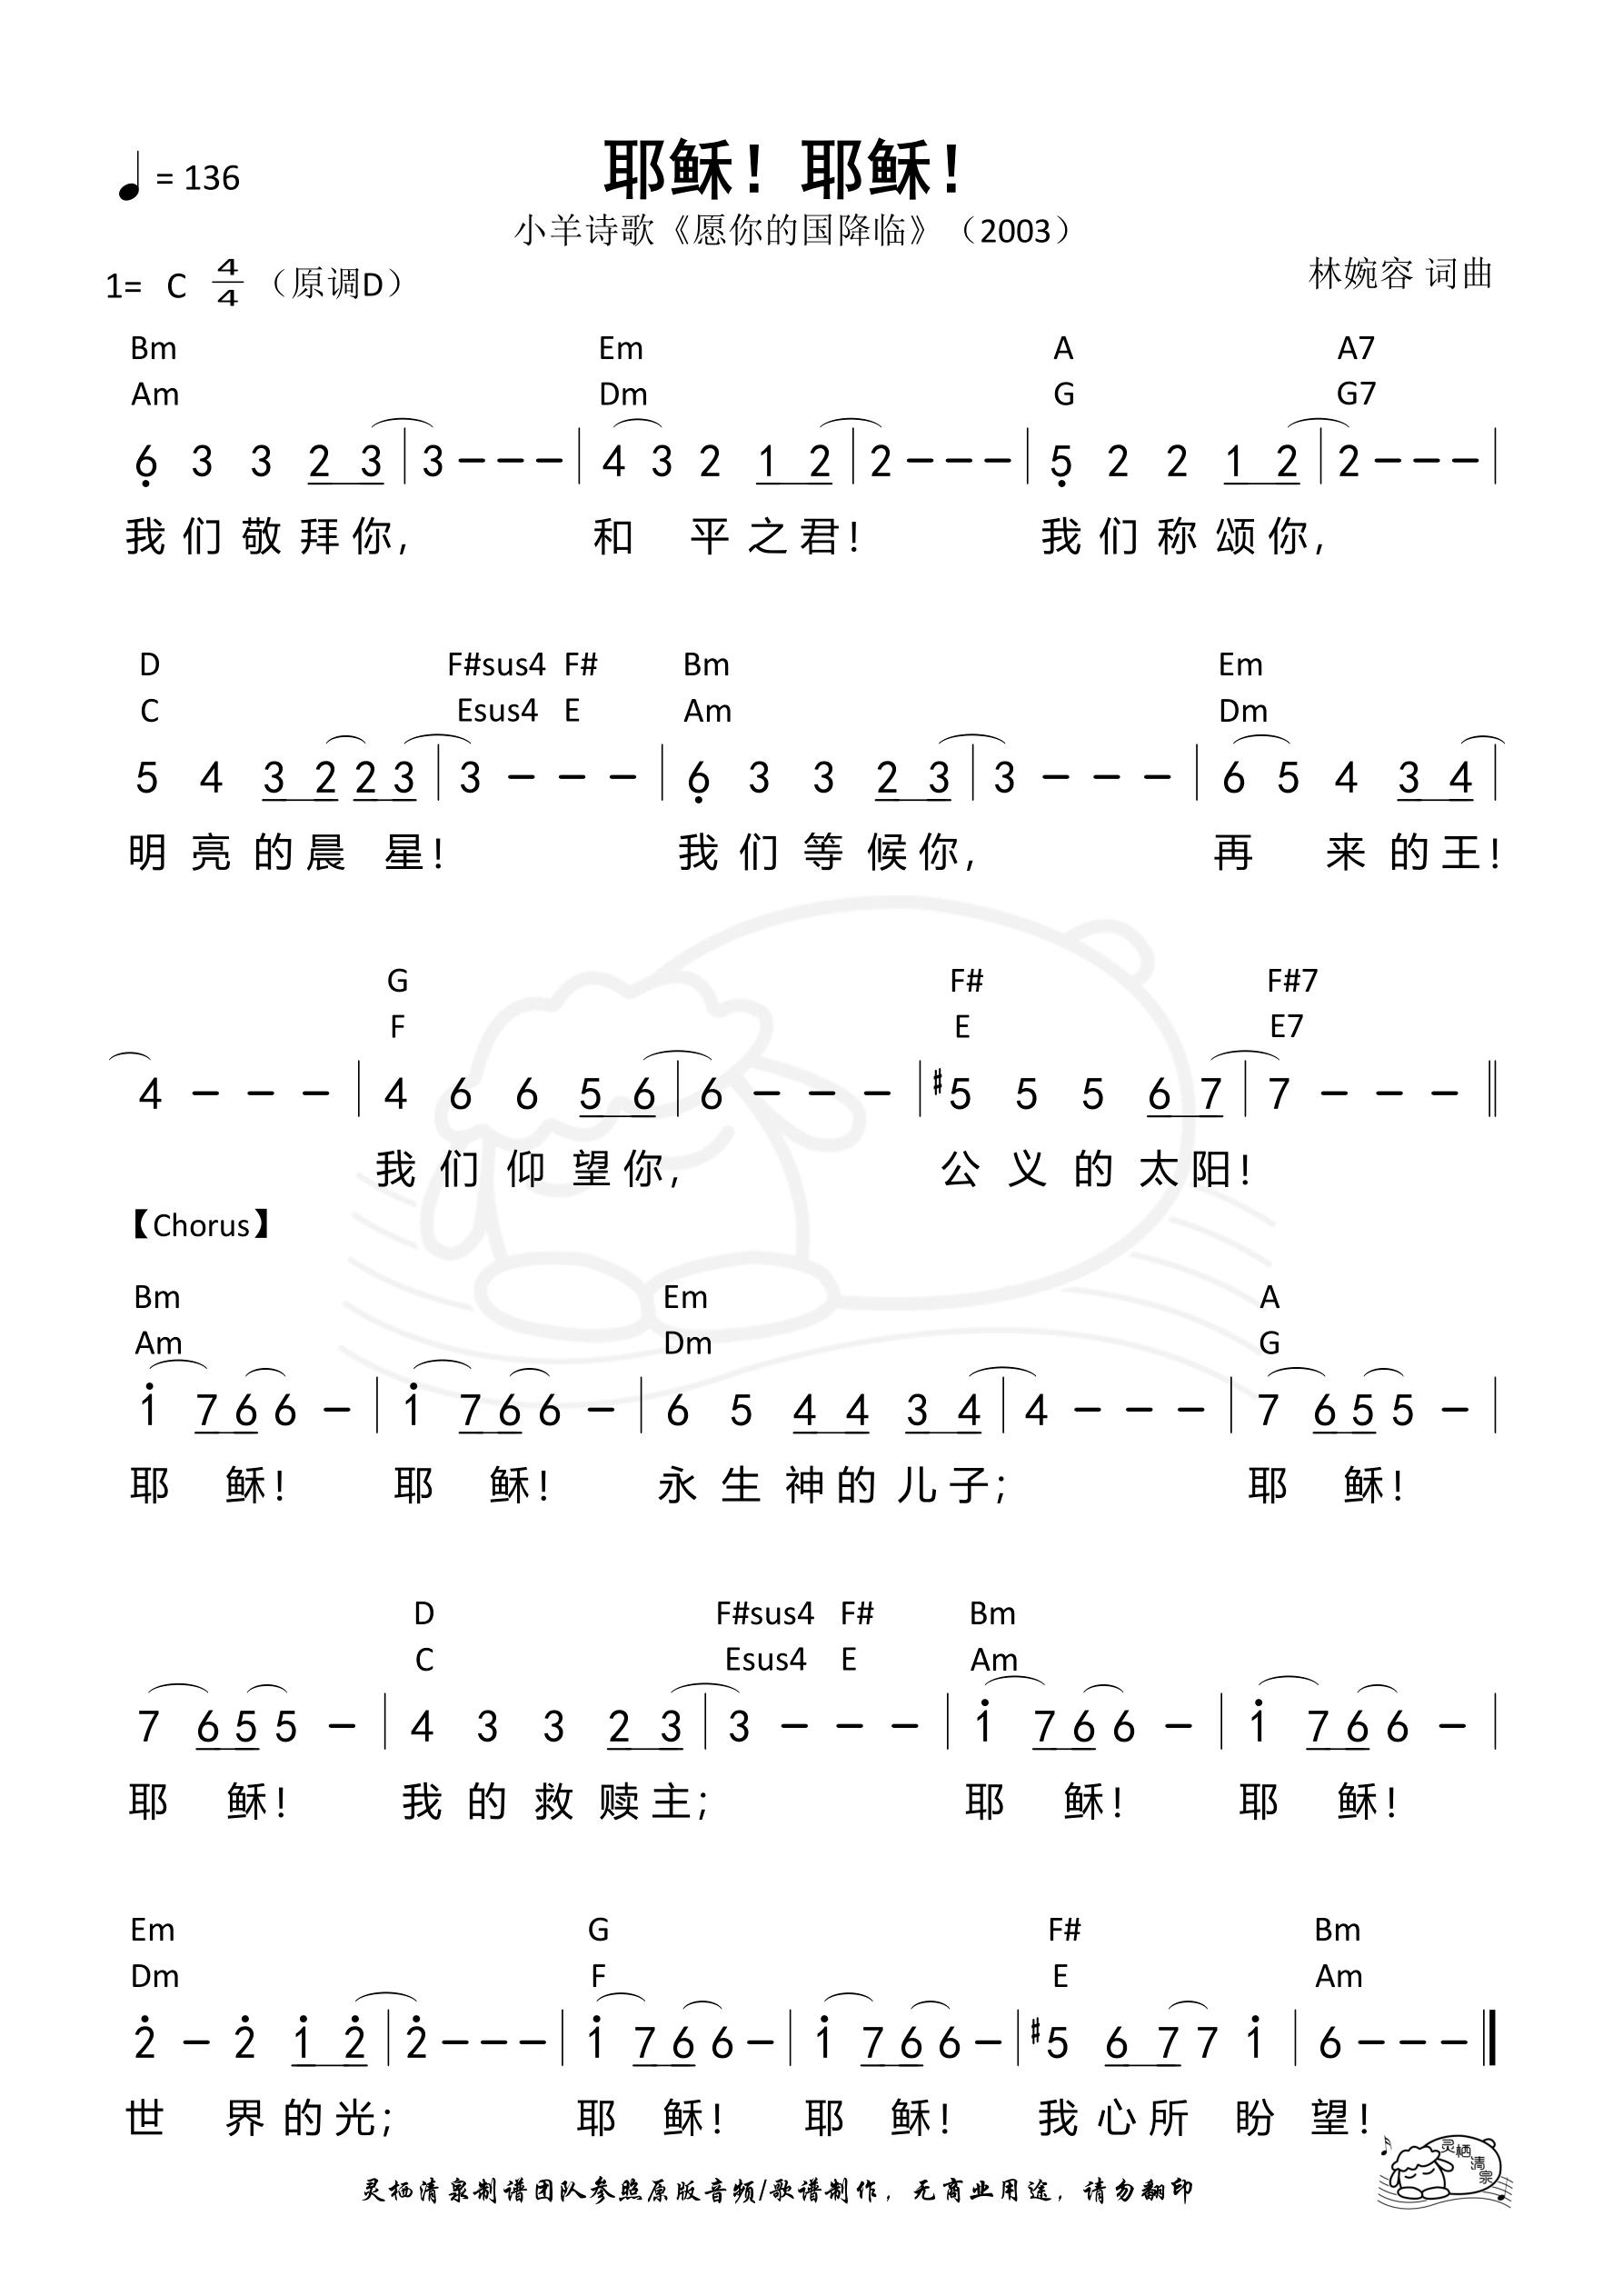 《第17首 - 耶稣!耶稣! 和弦简谱》